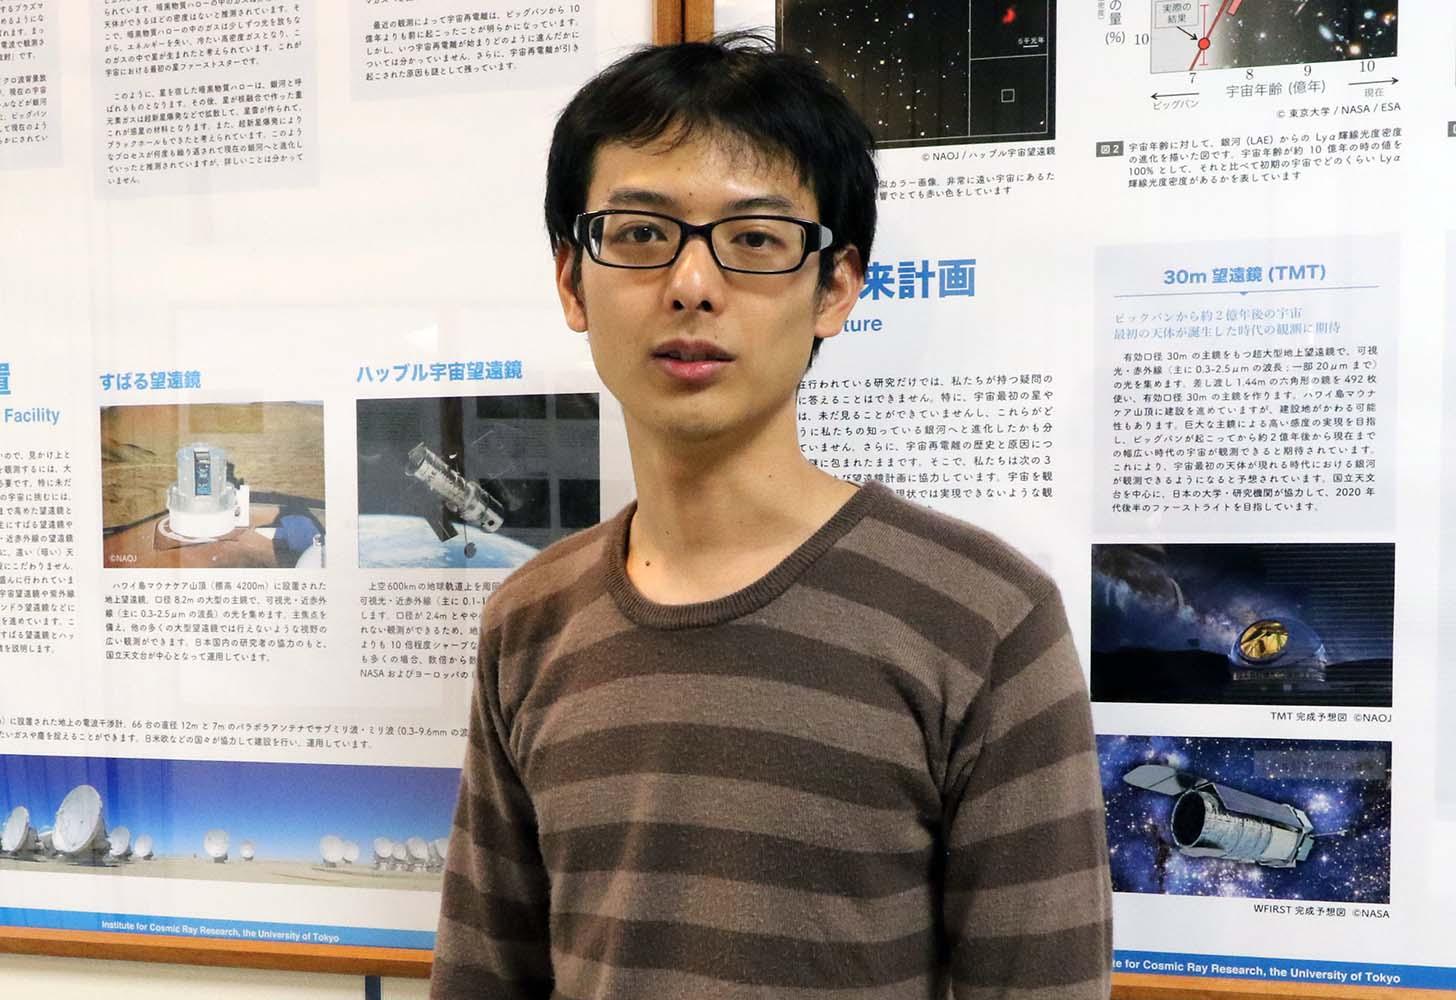 ポスター優秀賞を獲得した博士課程2年の菅原さん